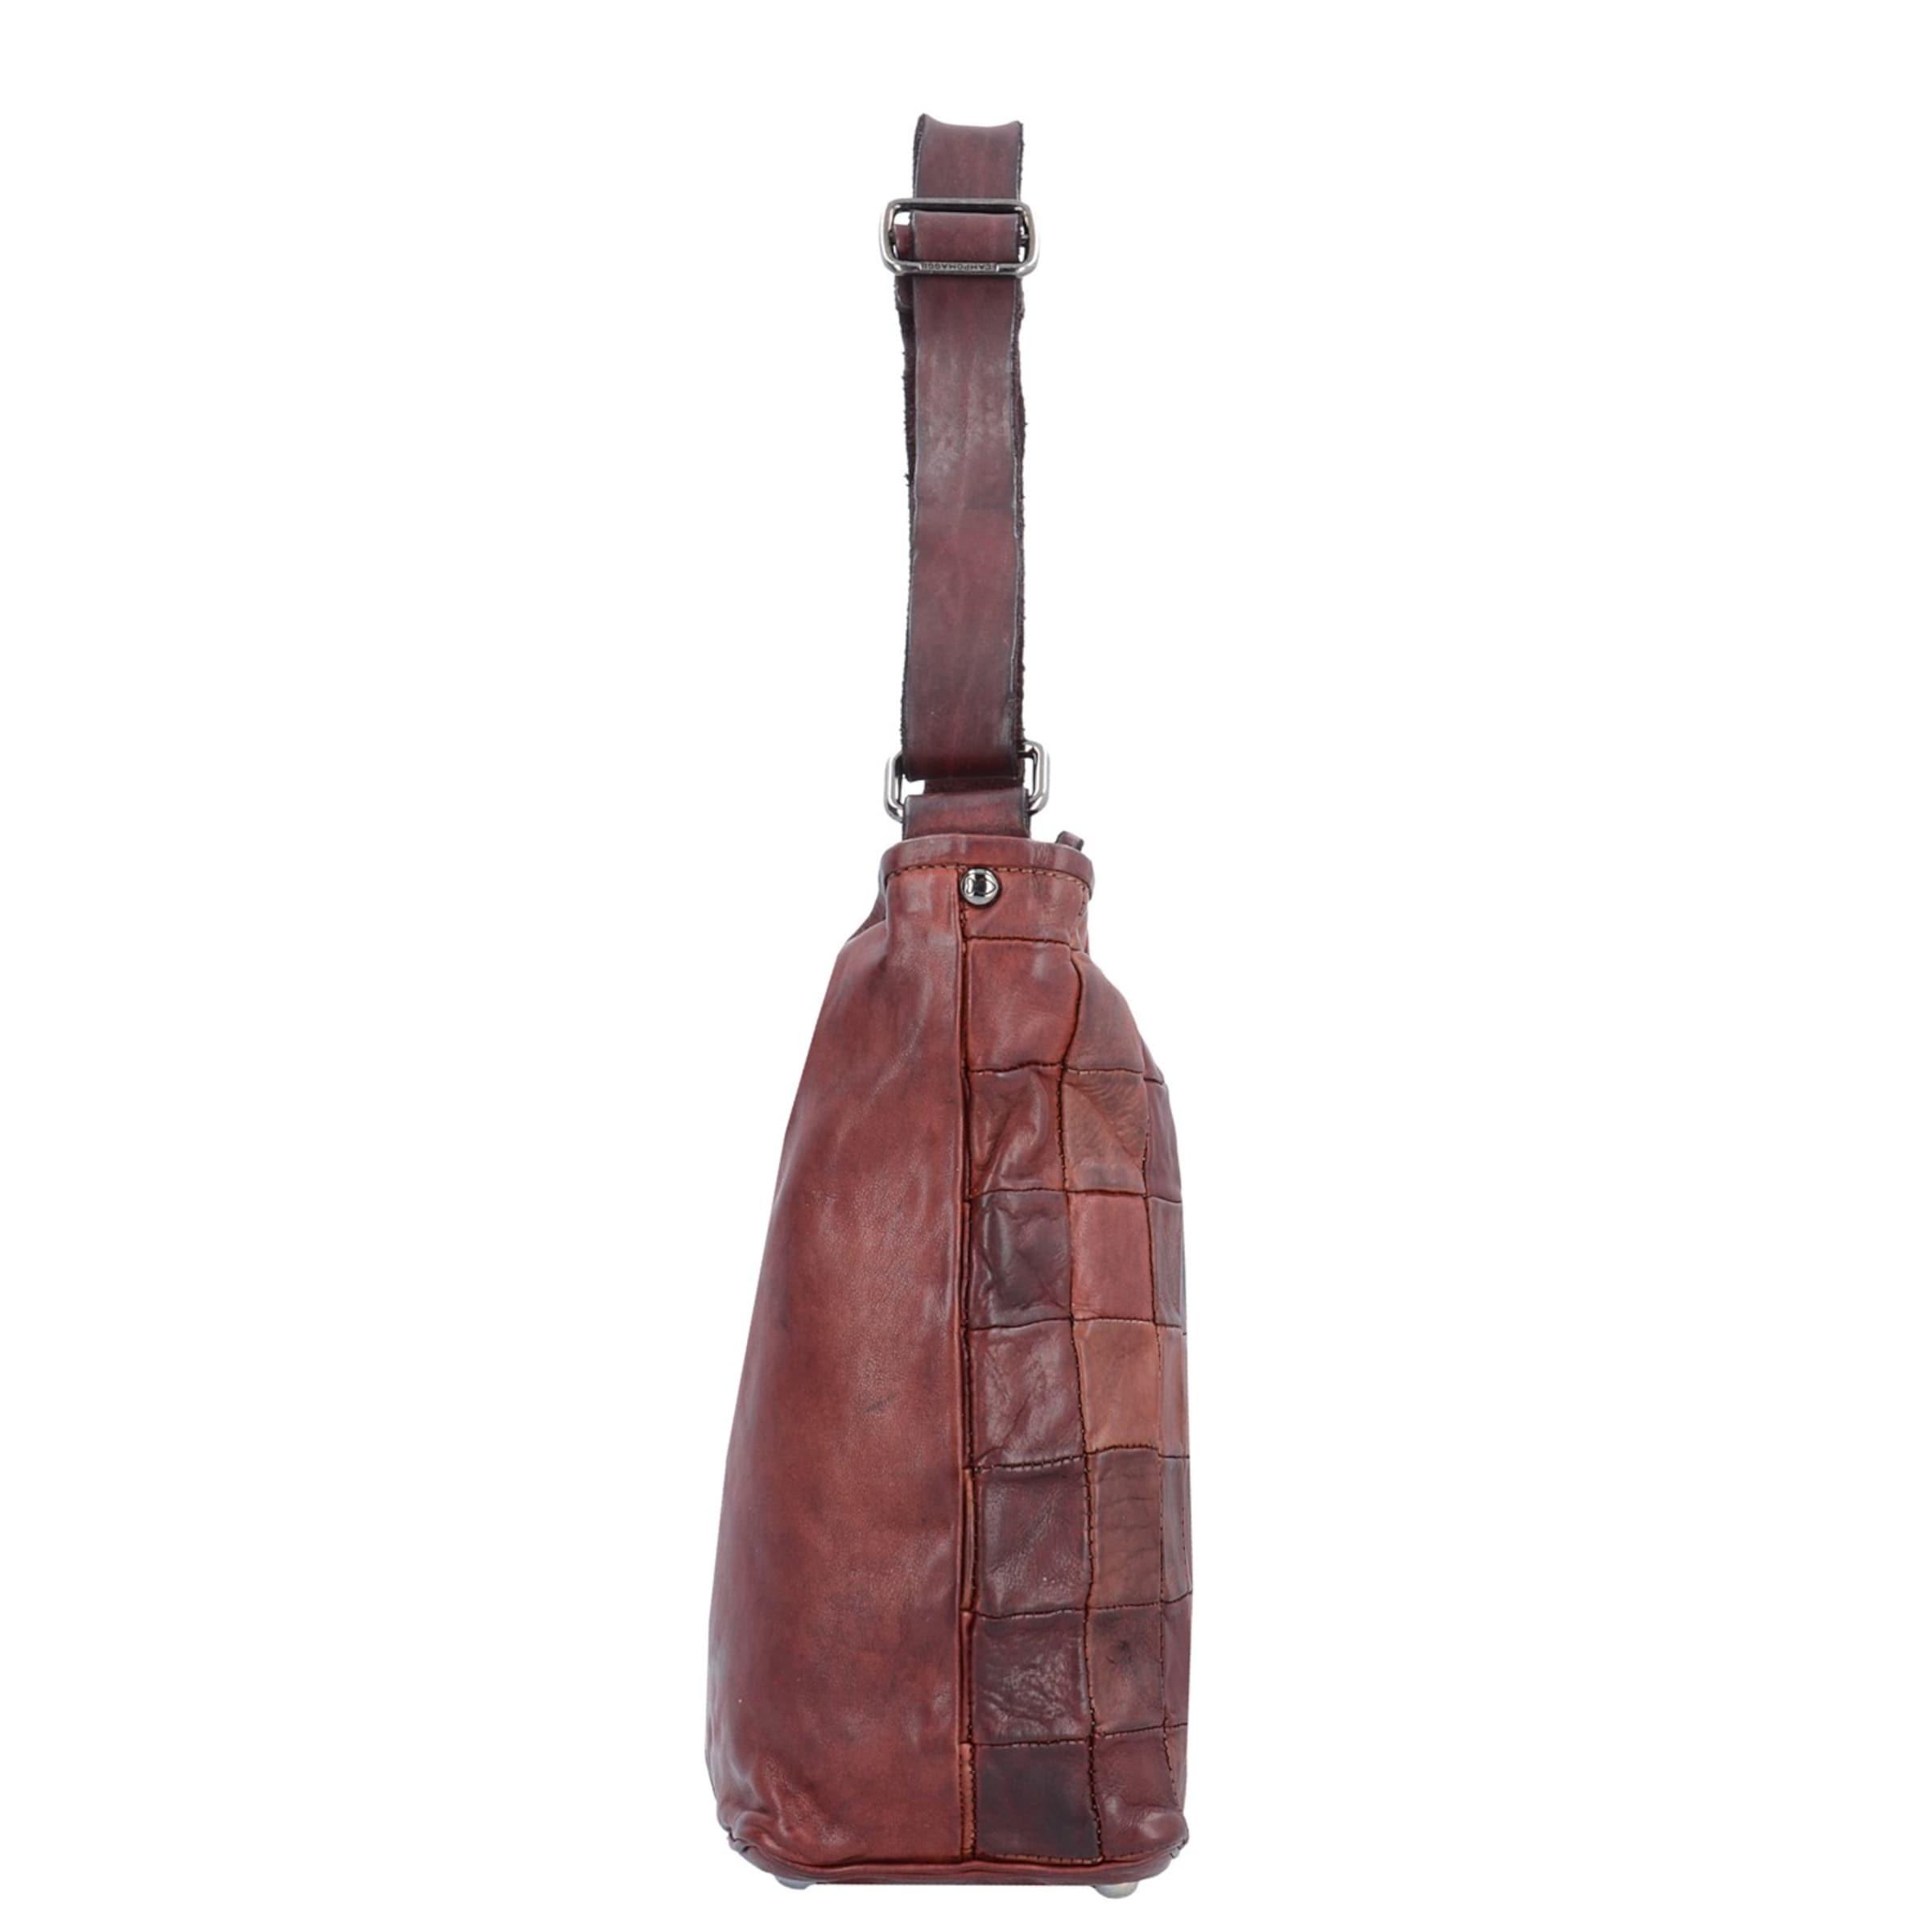 Campomaggi Monospalla Schultertasche Leder 30 cm Kaufen Sie Günstig Online Preis 2pH40